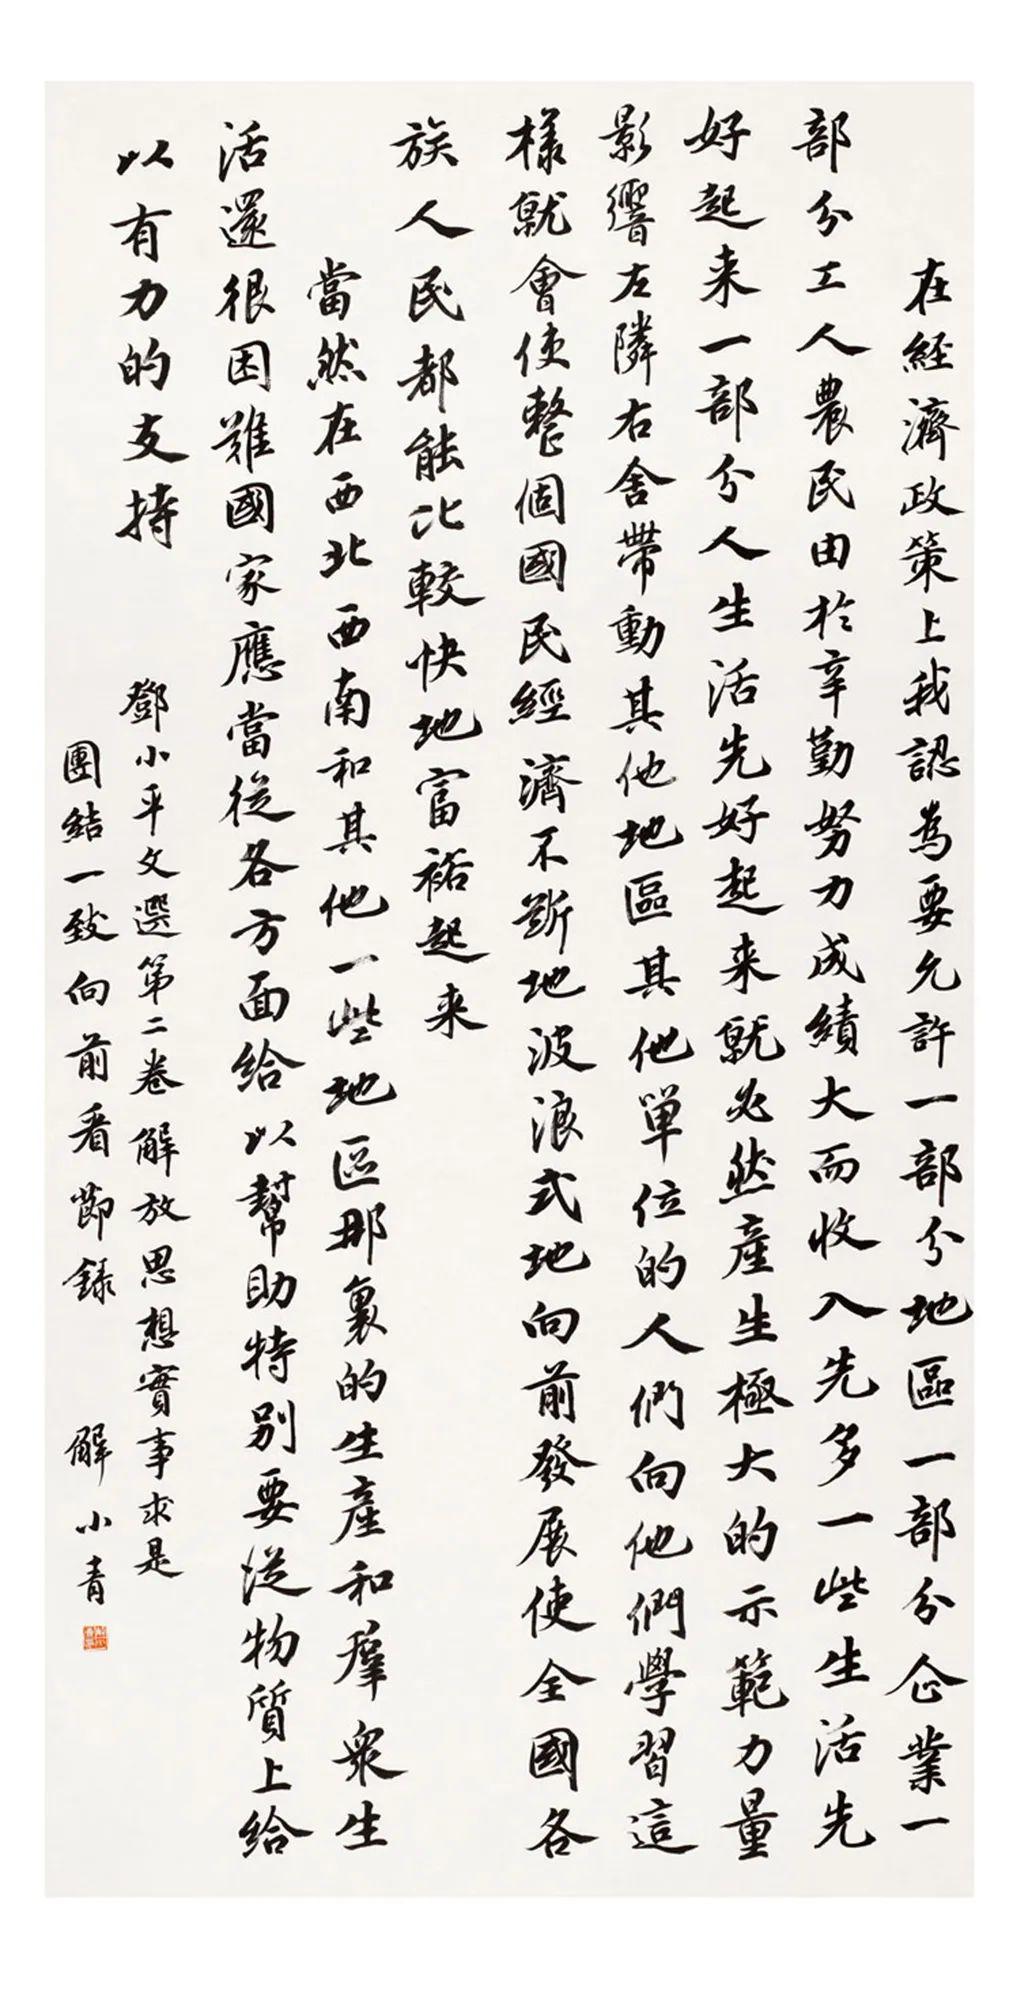 中国力量——全国扶贫书法大展作品 | 第一篇章 :人民至上(图16)